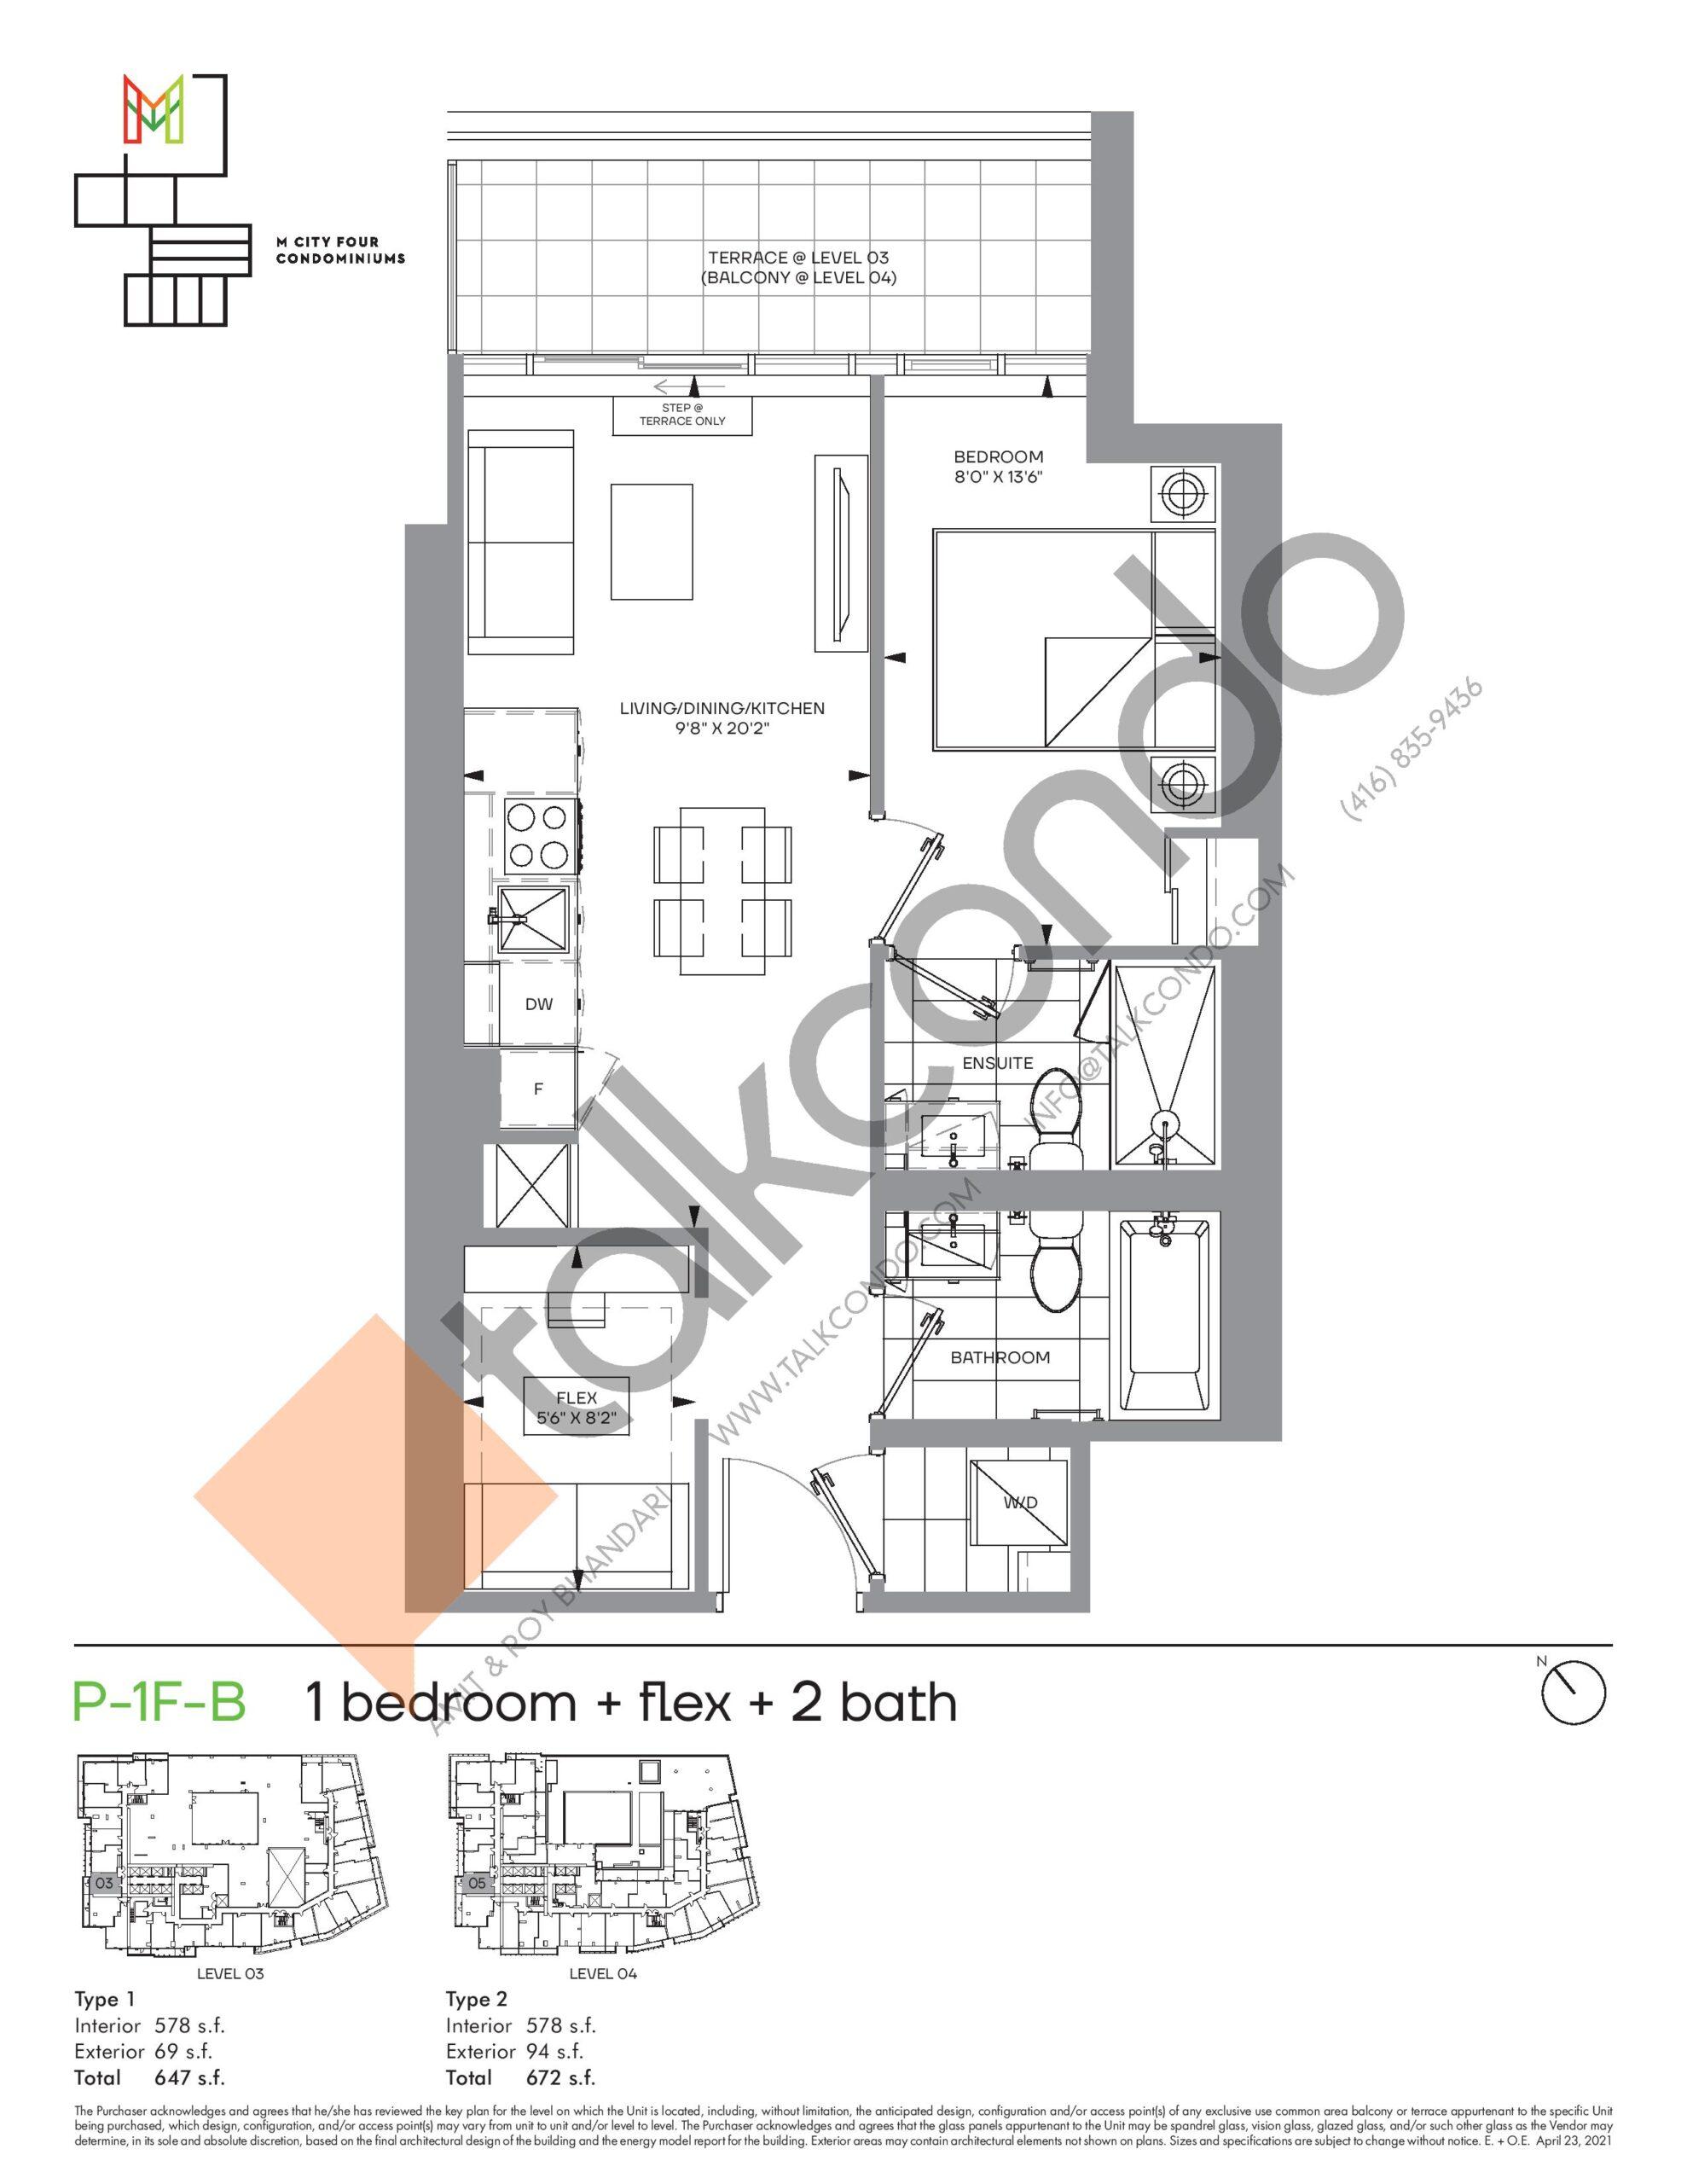 P-1F-B (Podium) Floor Plan at M4 Condos - 578 sq.ft